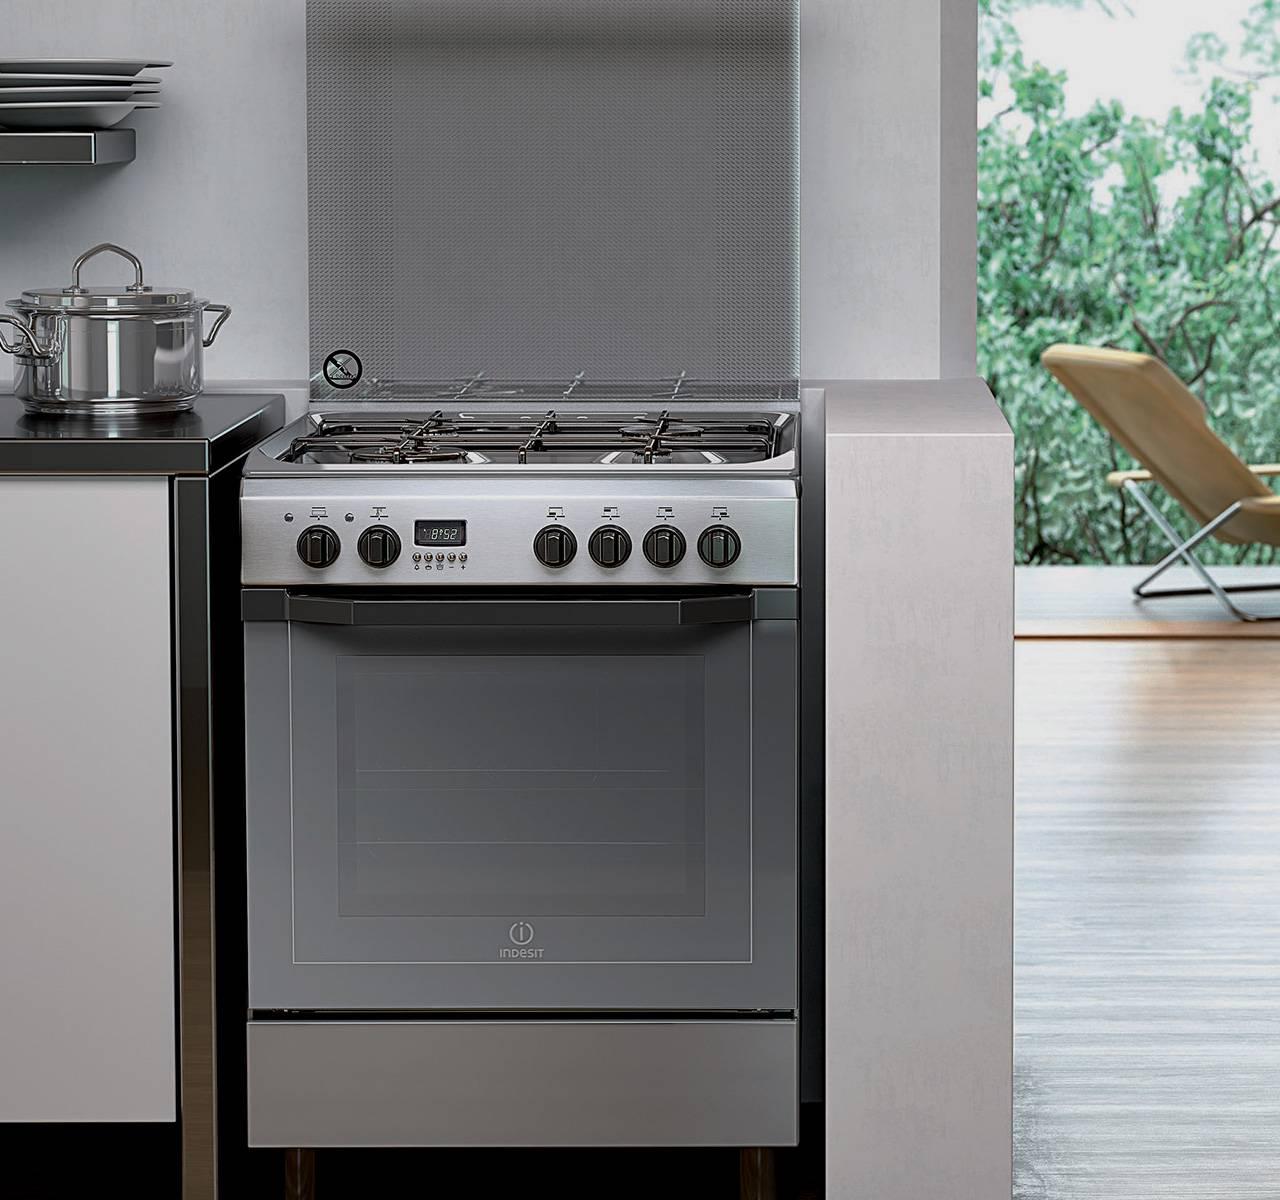 Indesit elettrodomestici per la casa e la cucina - Cucine nuove ...